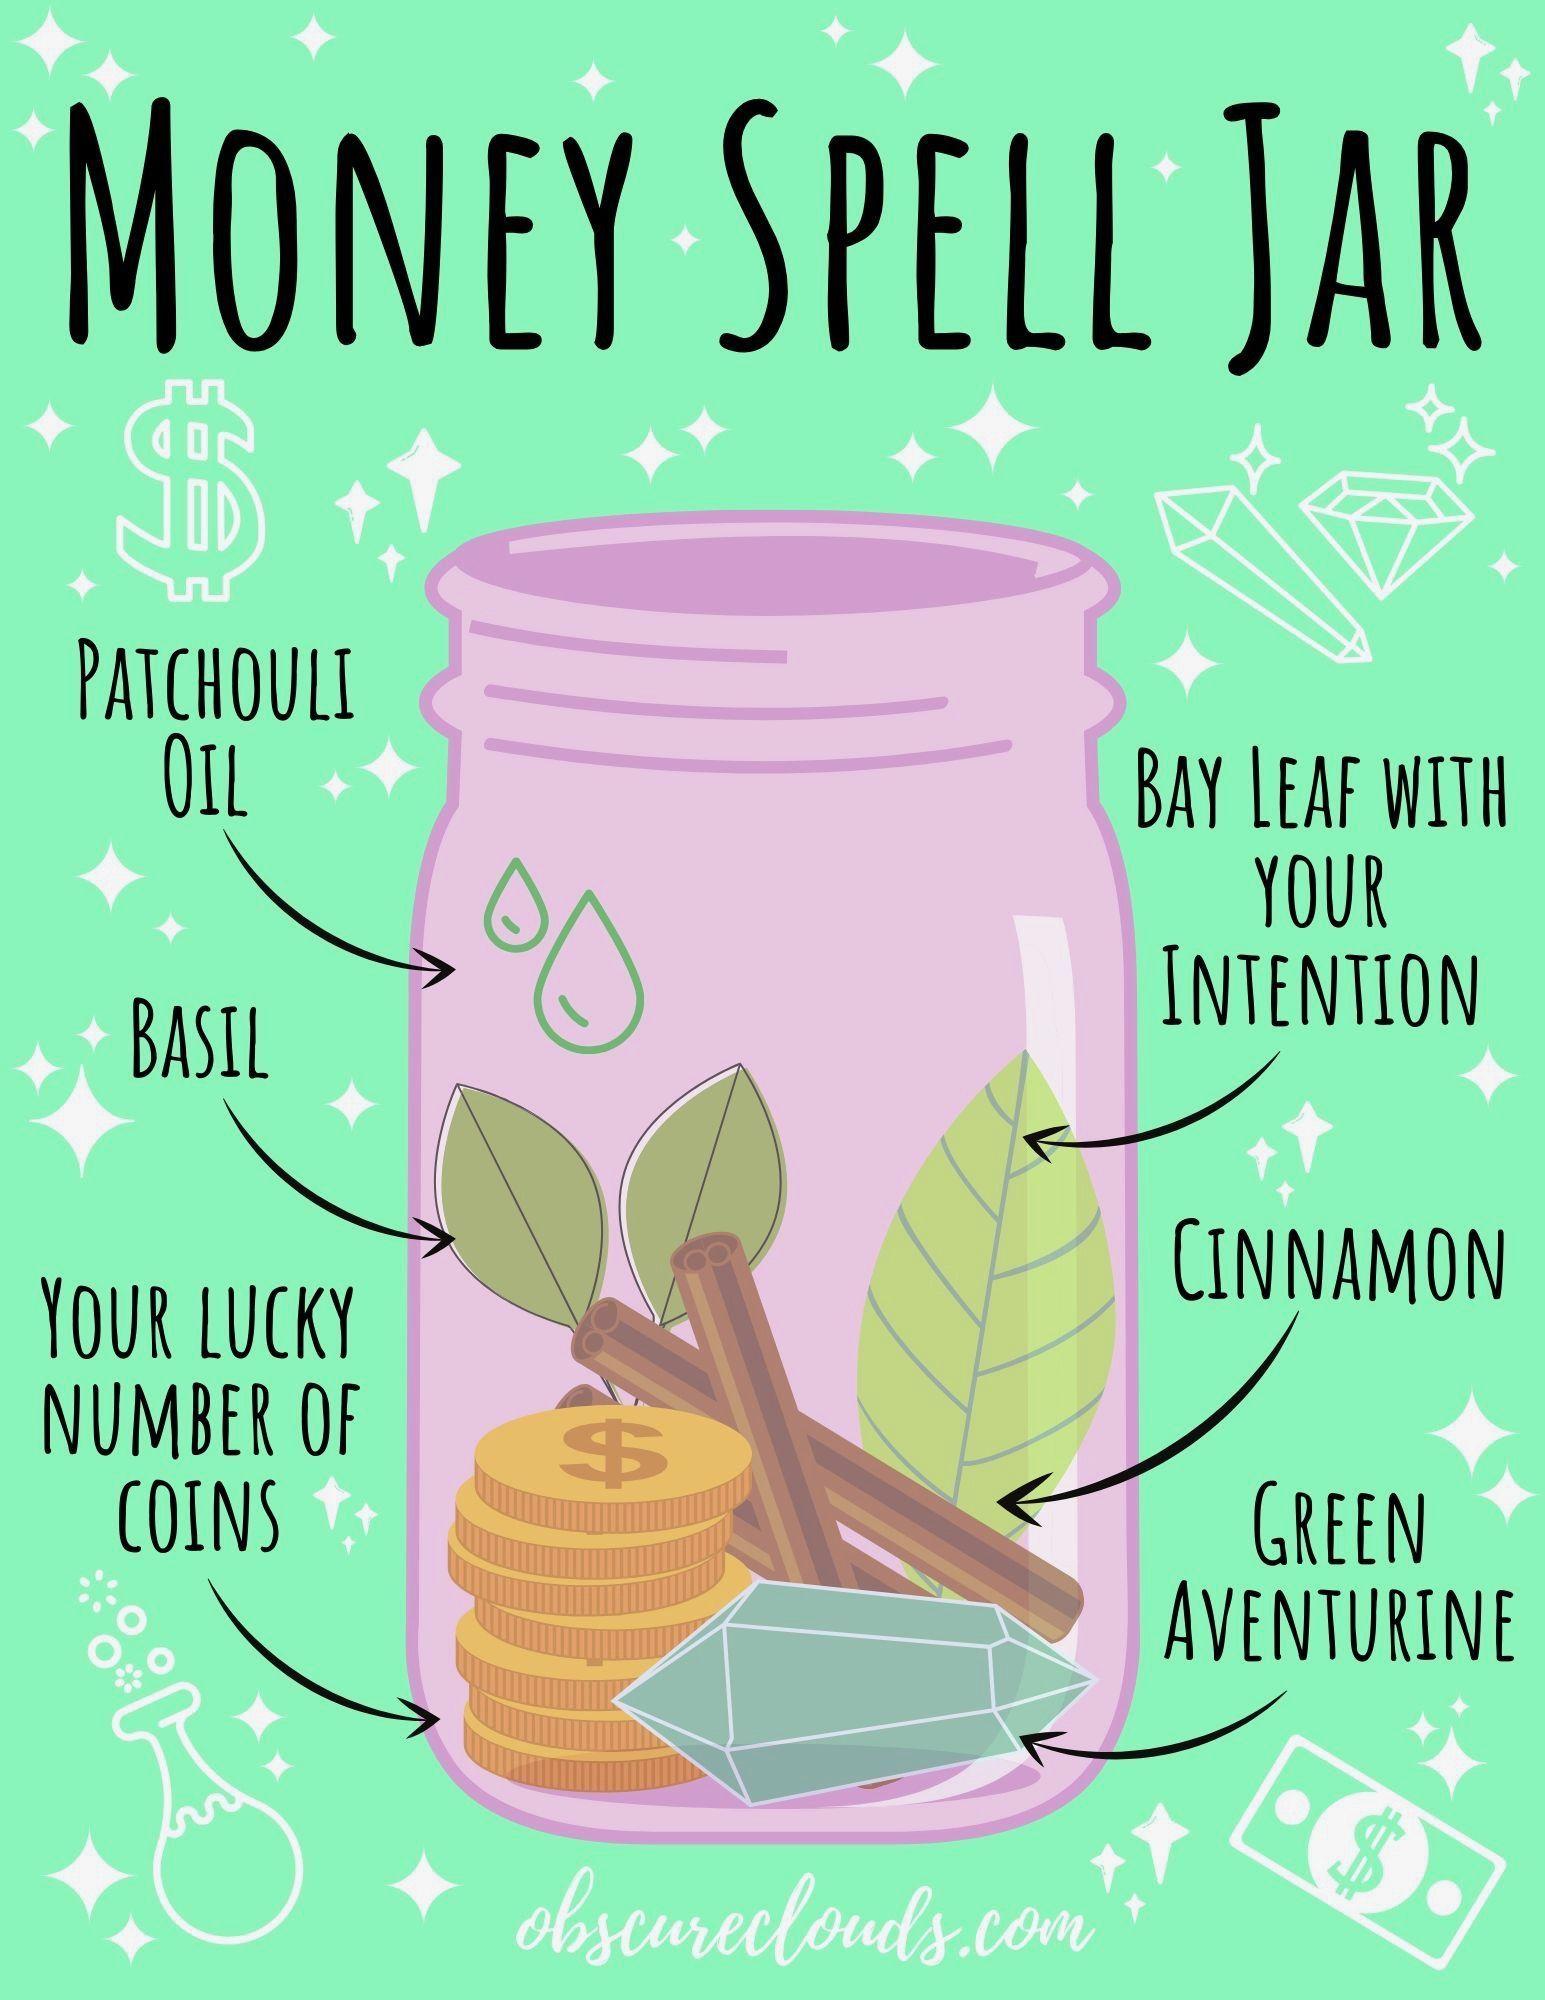 Prosperity & Money Spell Jar